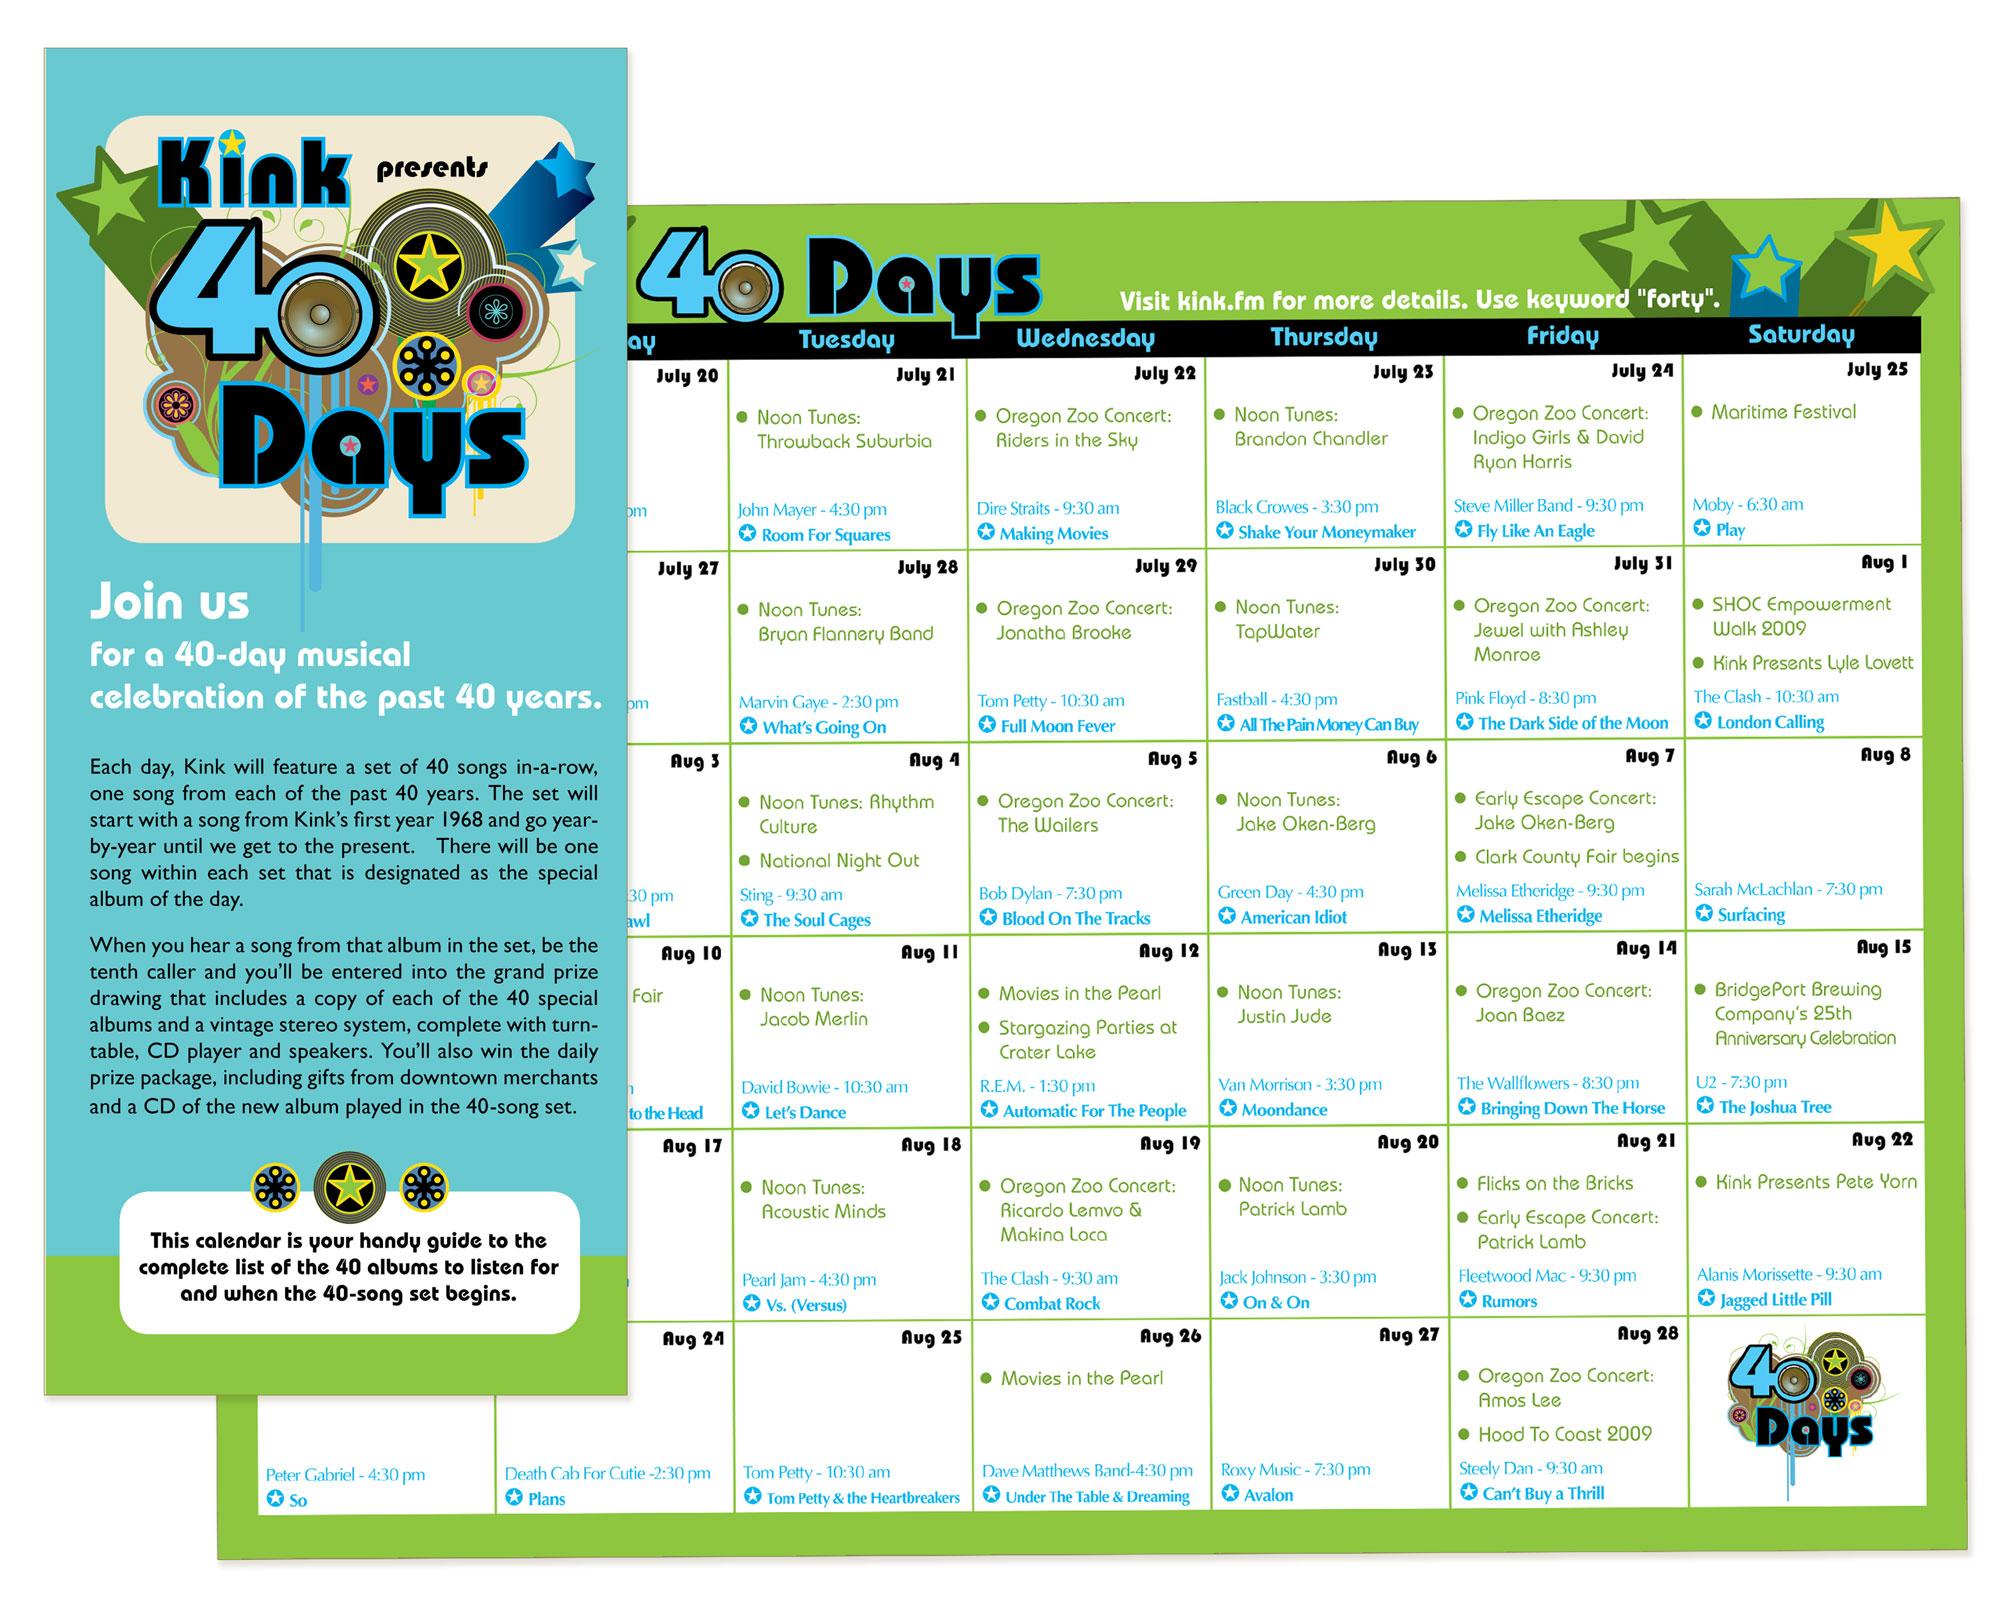 40days-tri-fold.jpg